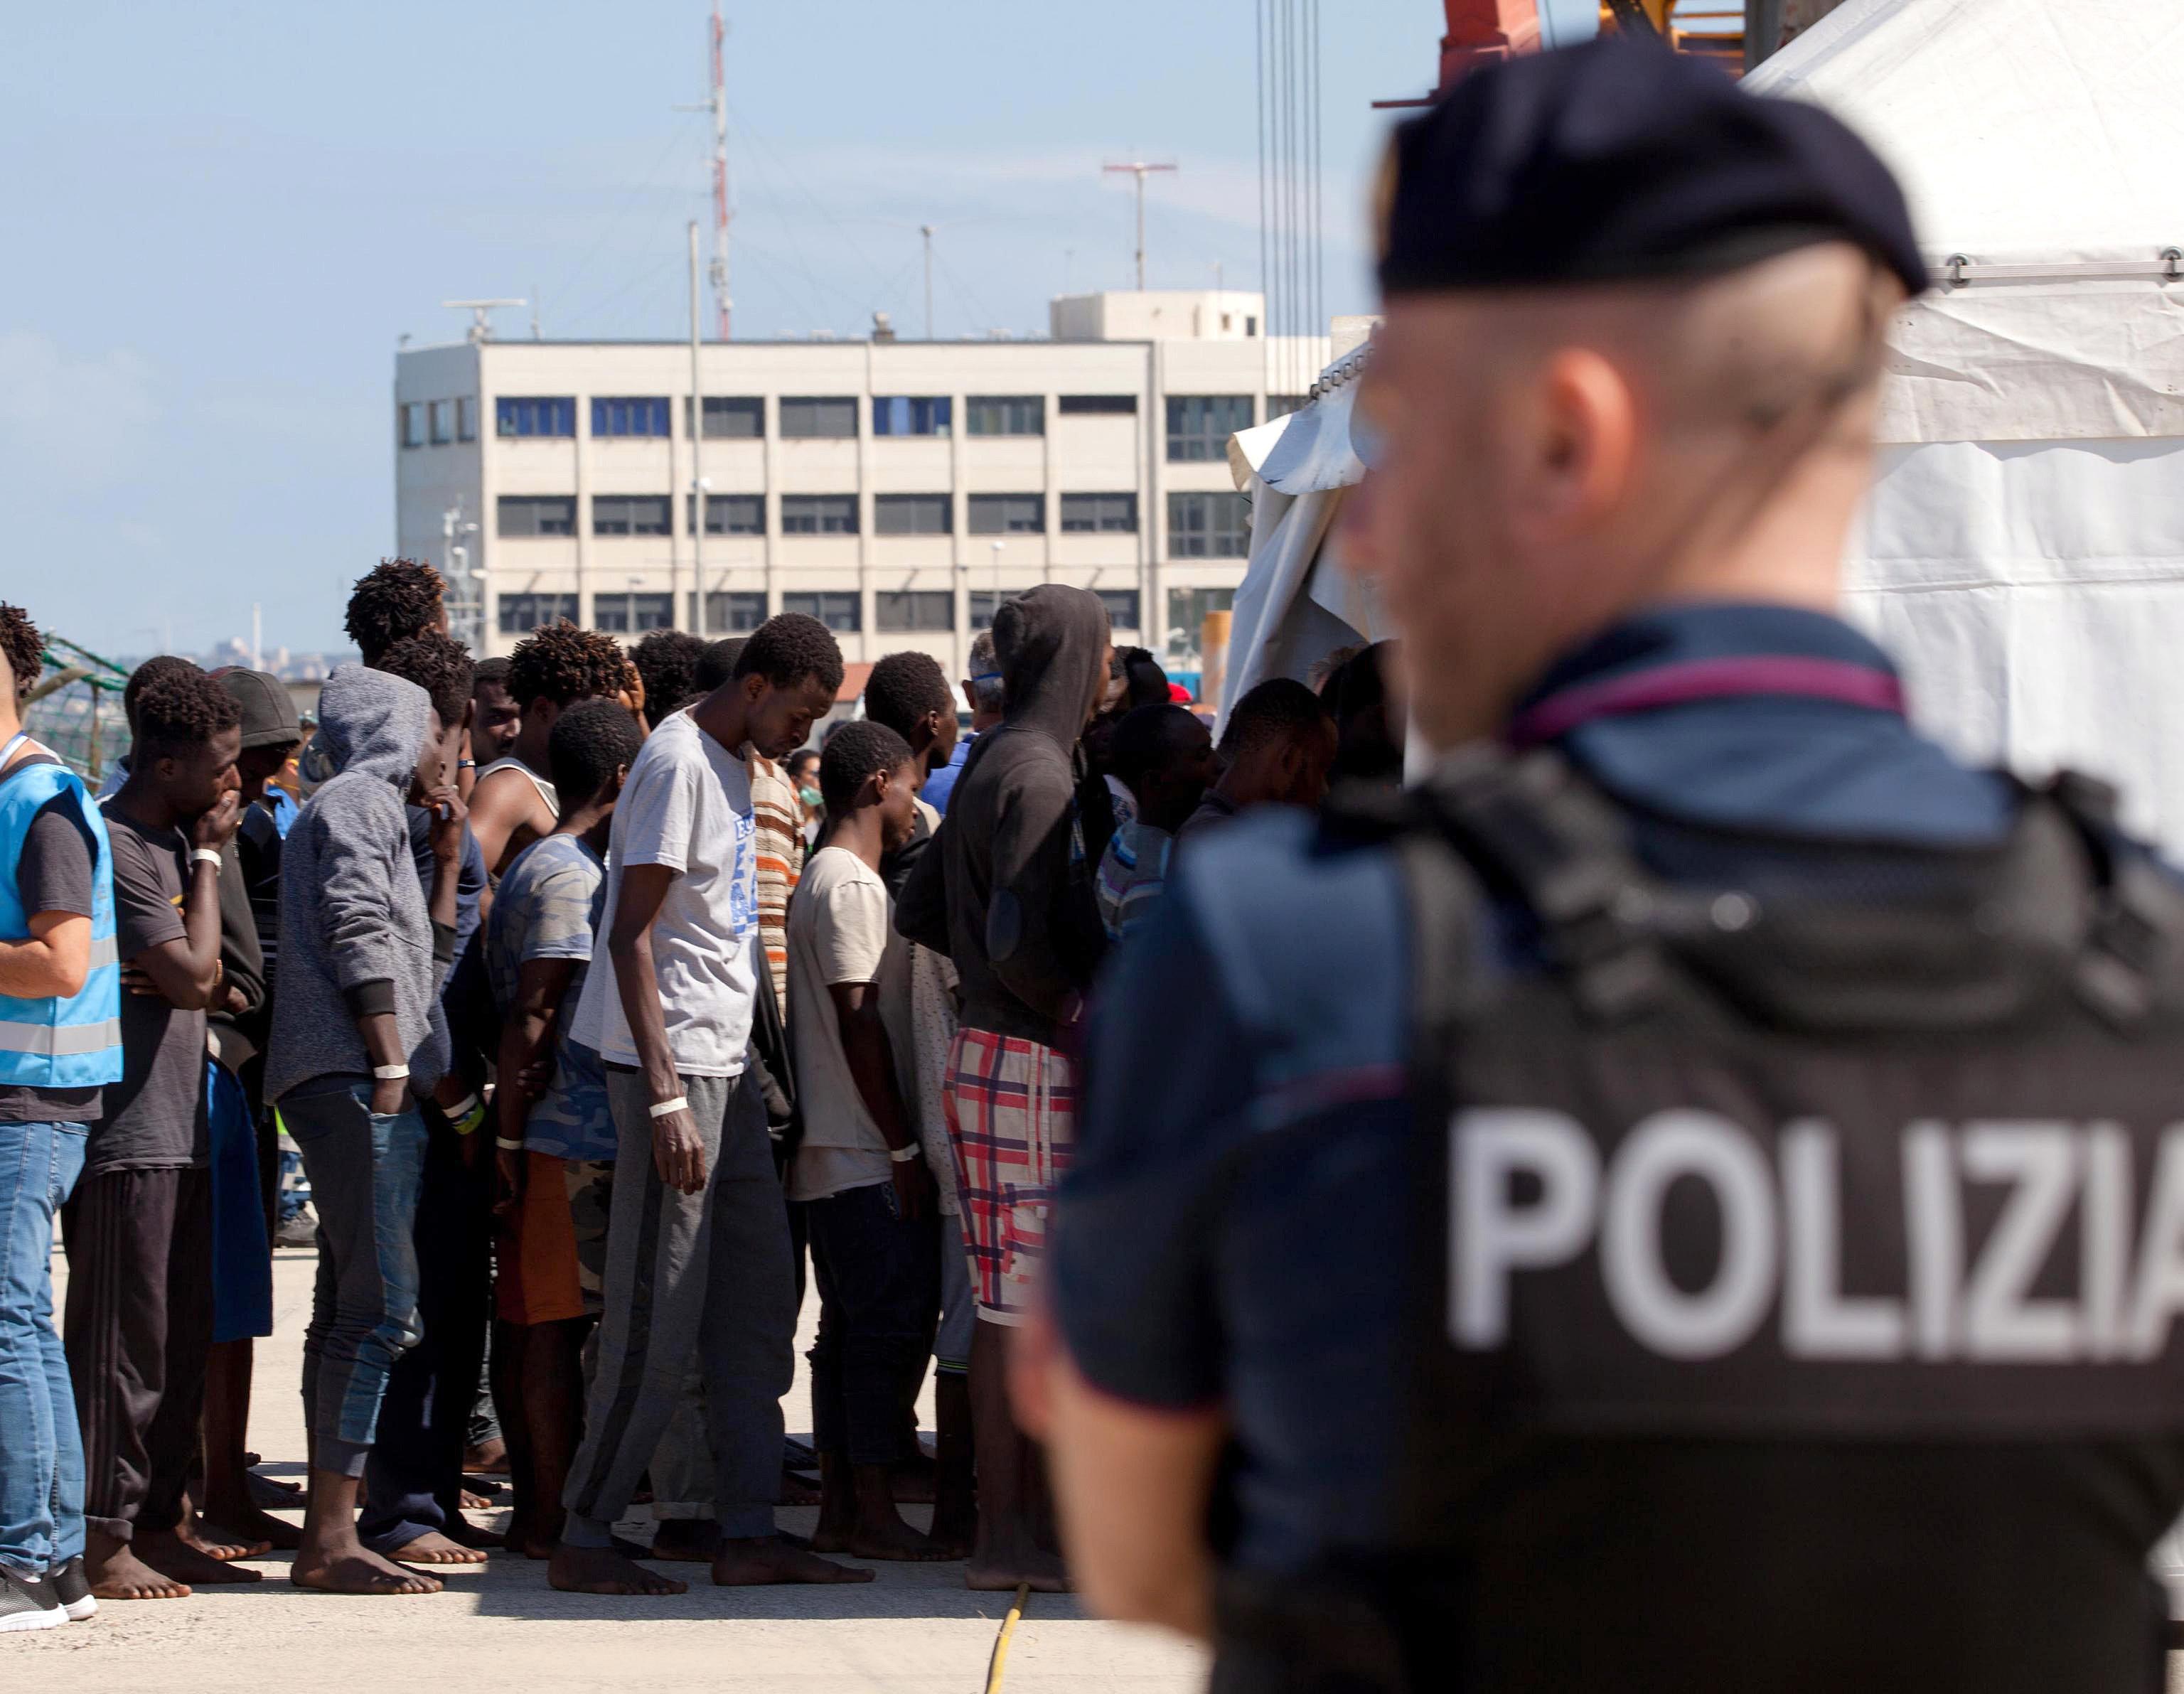 Streit um Flüchtlingsboot: Spanien nimmt Migranten auf